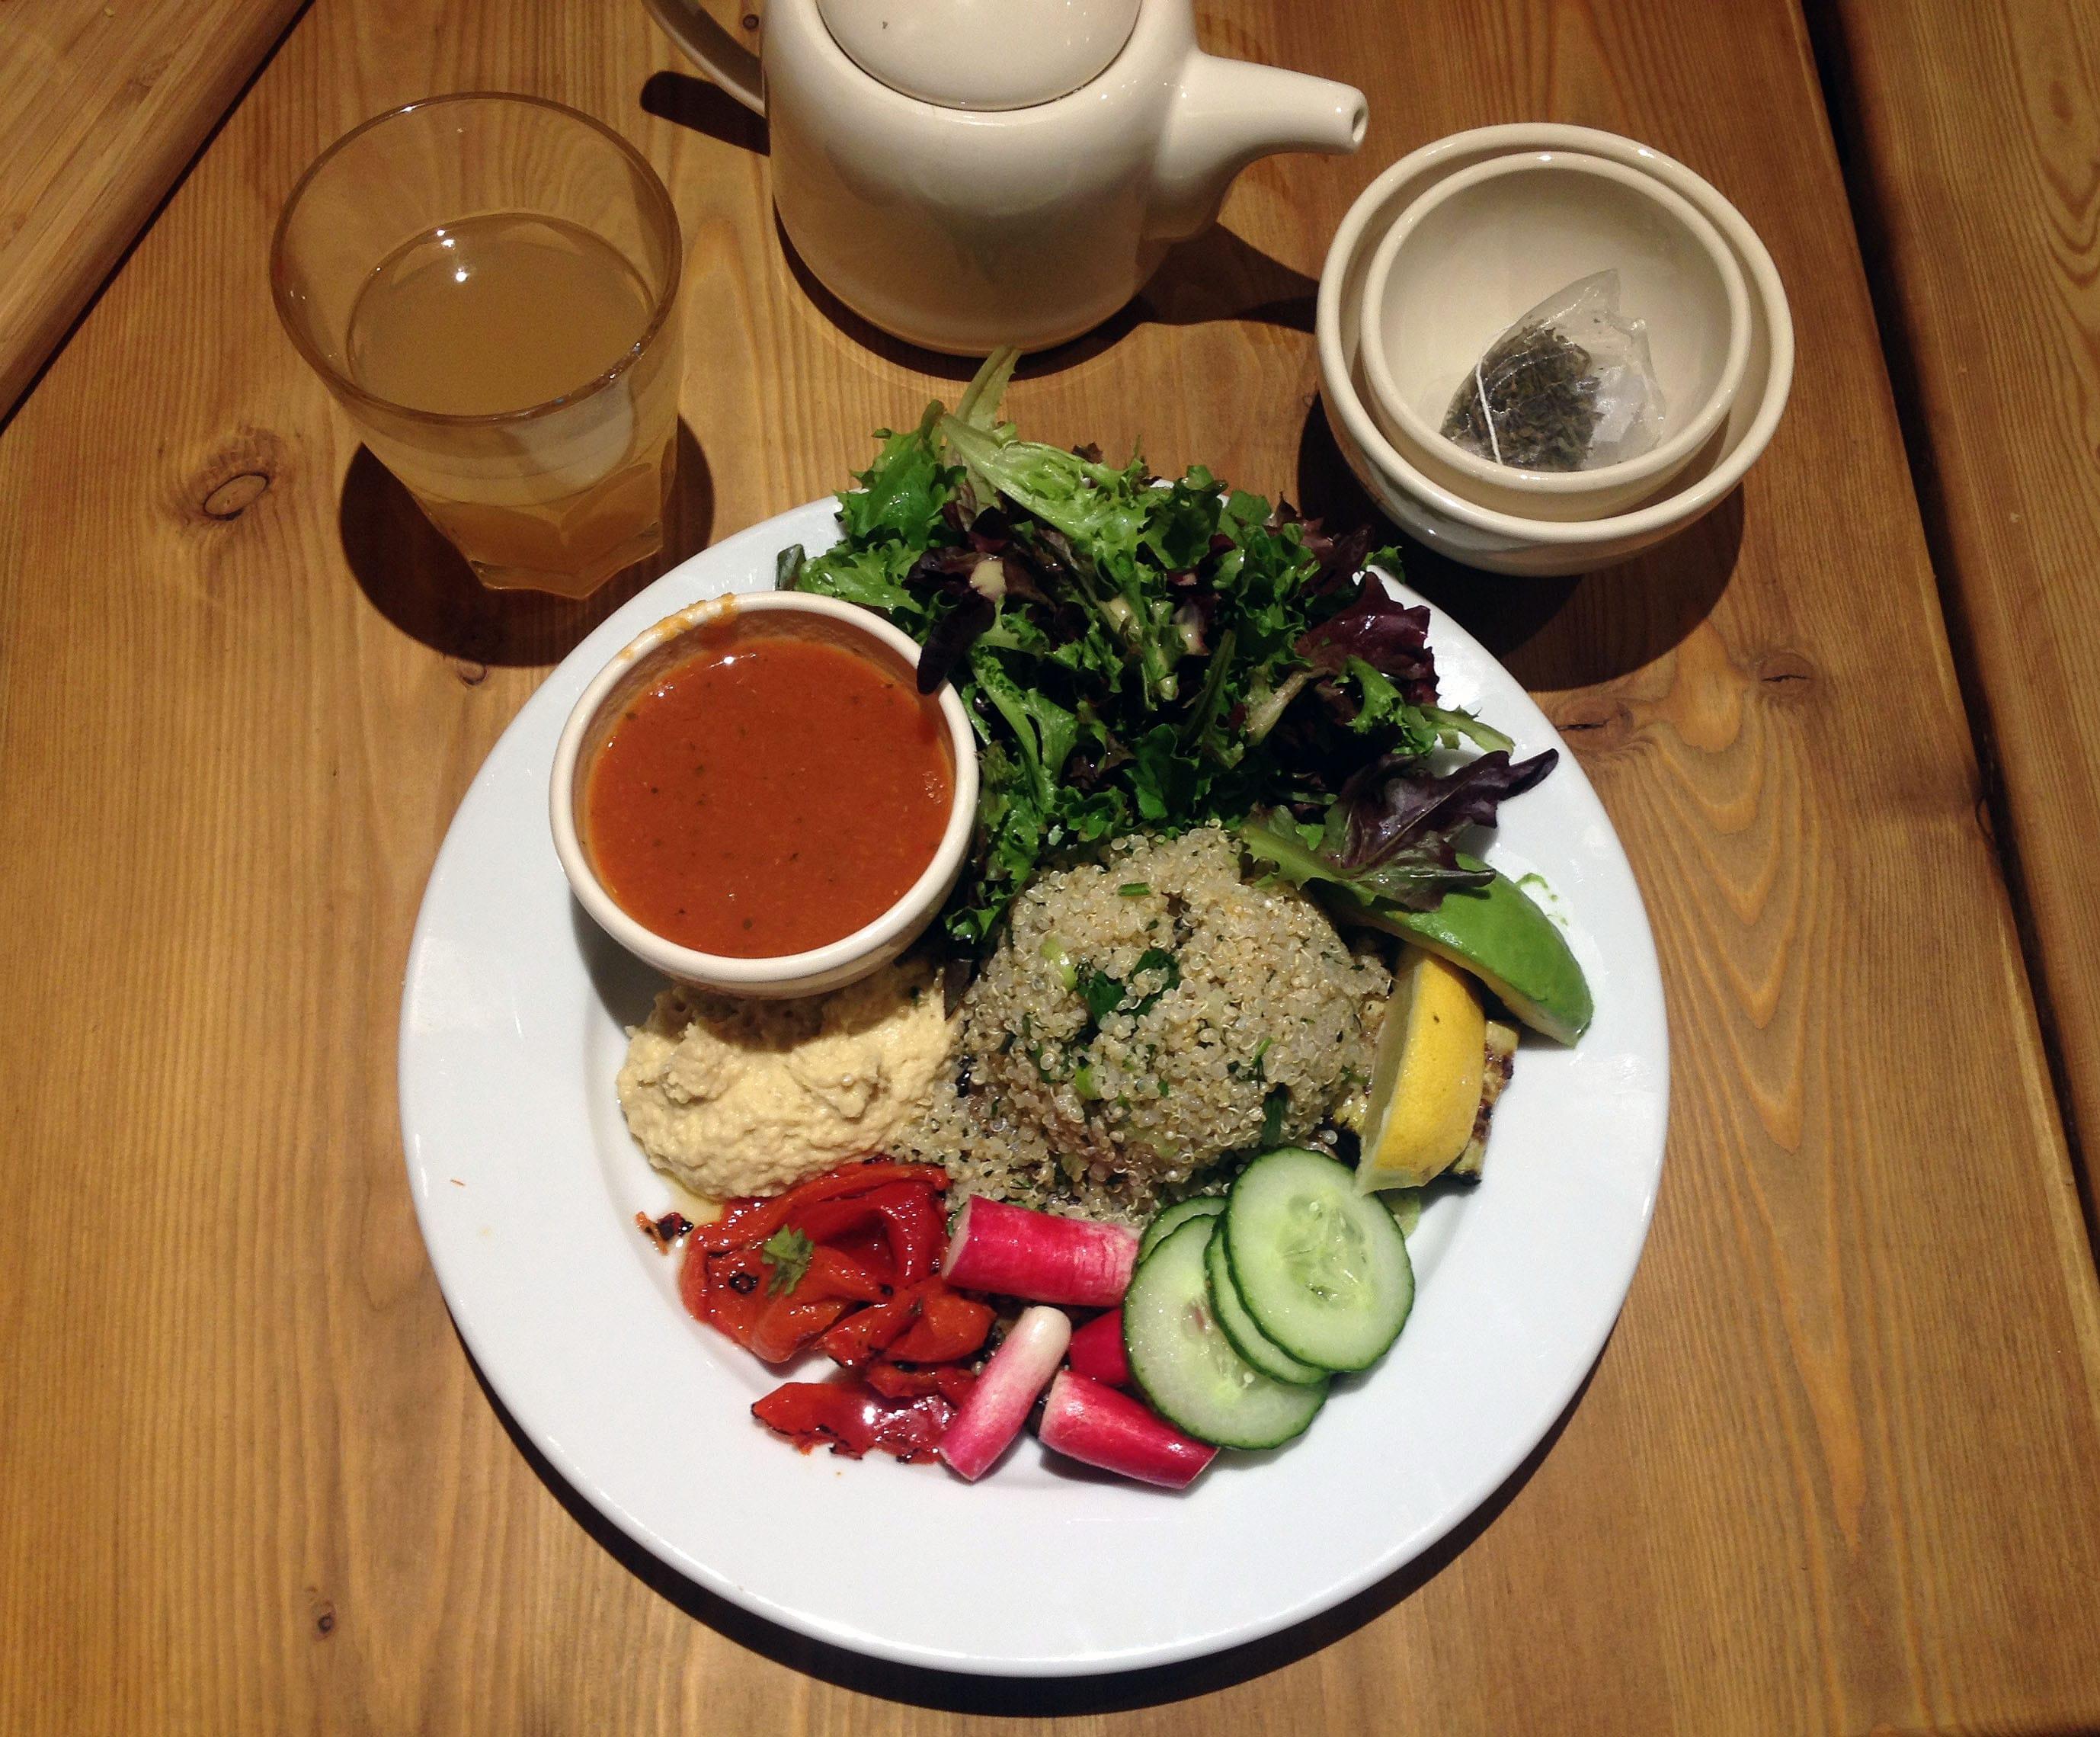 gluten free brunch: Le Pain Quotidien